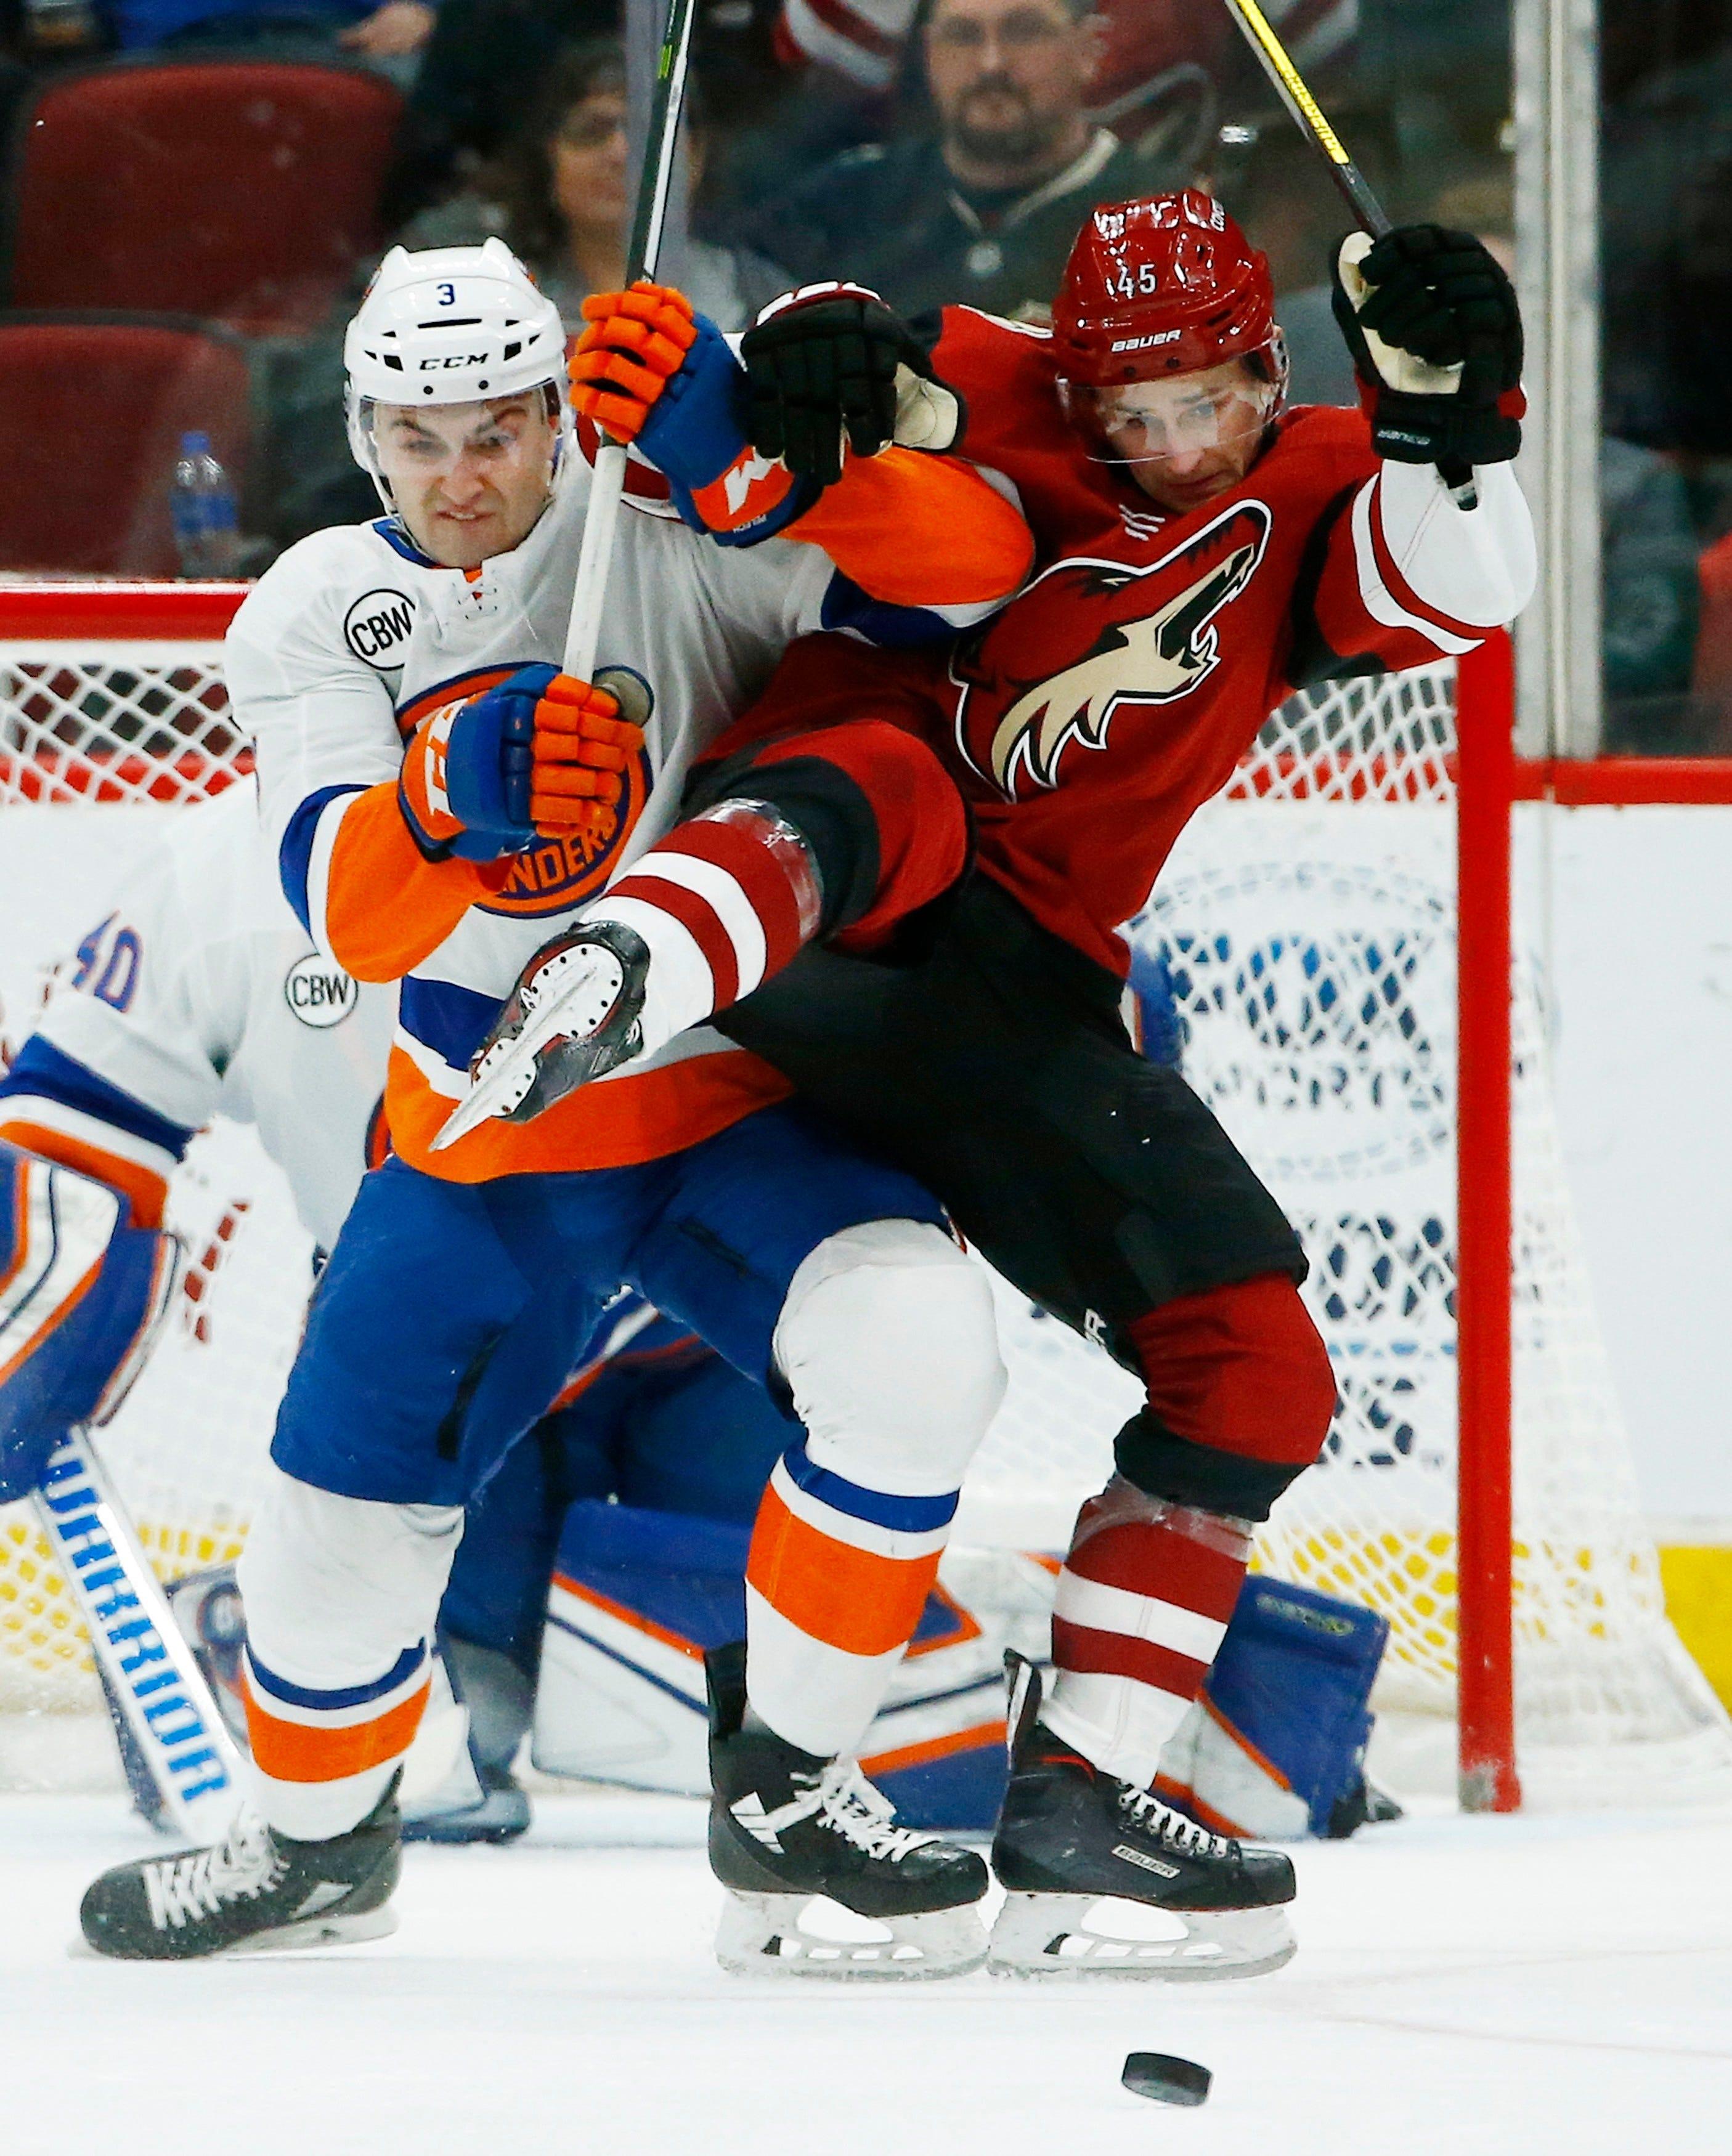 Lehner stops 35 shots, Islanders beat Coyotes 3-1